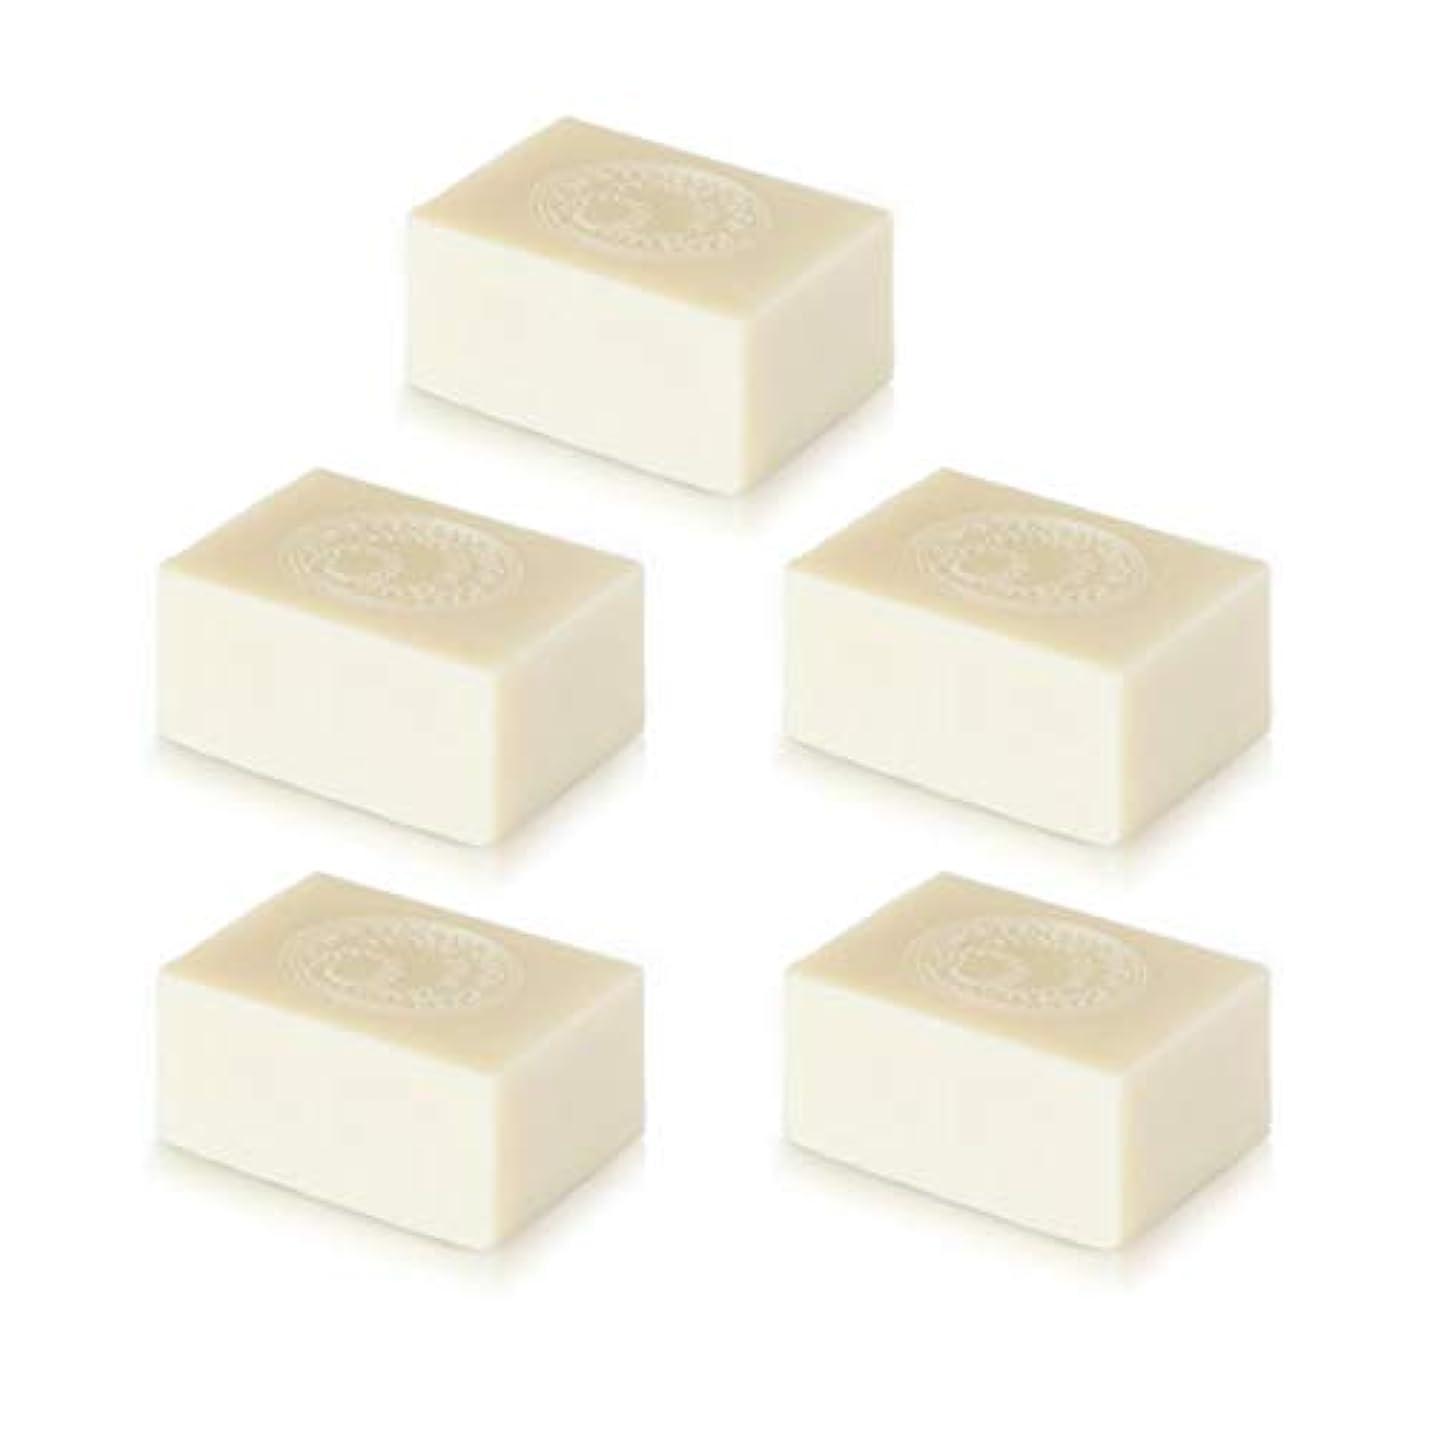 区画温帯イルナイアード アルガン石鹸5個セット( 145g ×5個)無添加アルガン石鹸